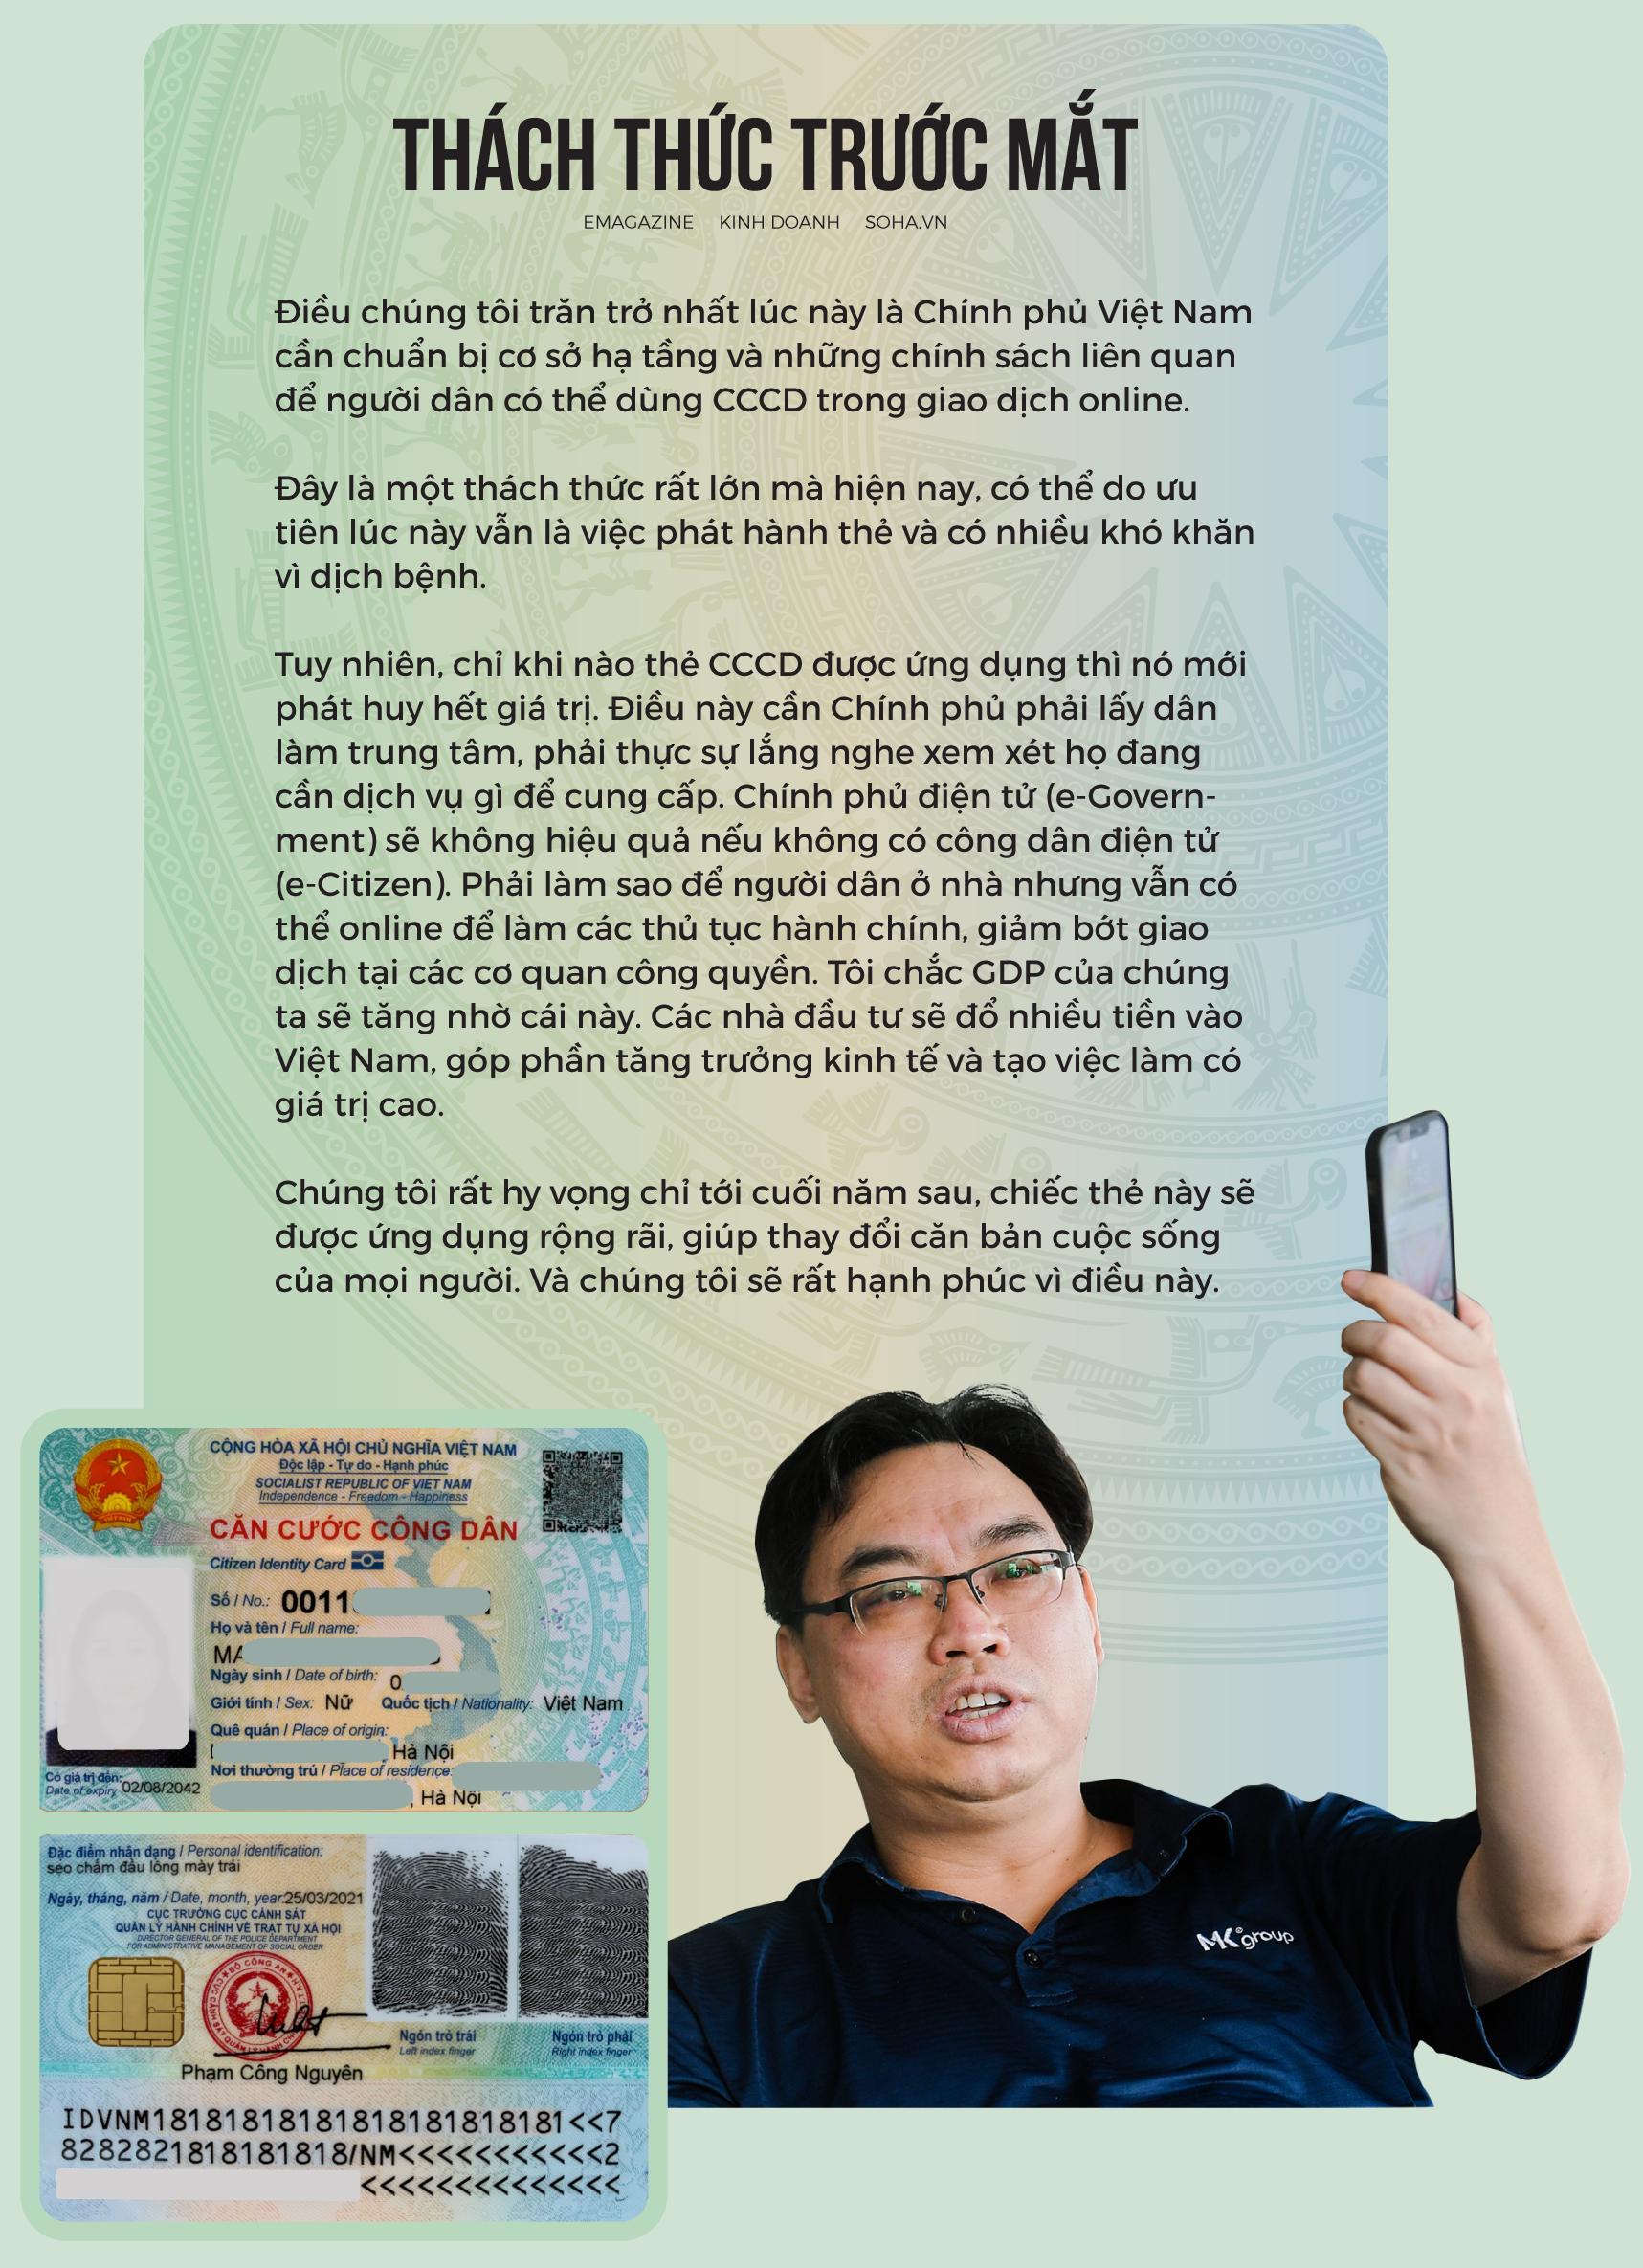 18 năm vật vã của Chủ tịch MK Group và chiếc thẻ CCCD Việt Nam giá rẻ bằng 1/2 Nhật Bản - Ảnh 13.